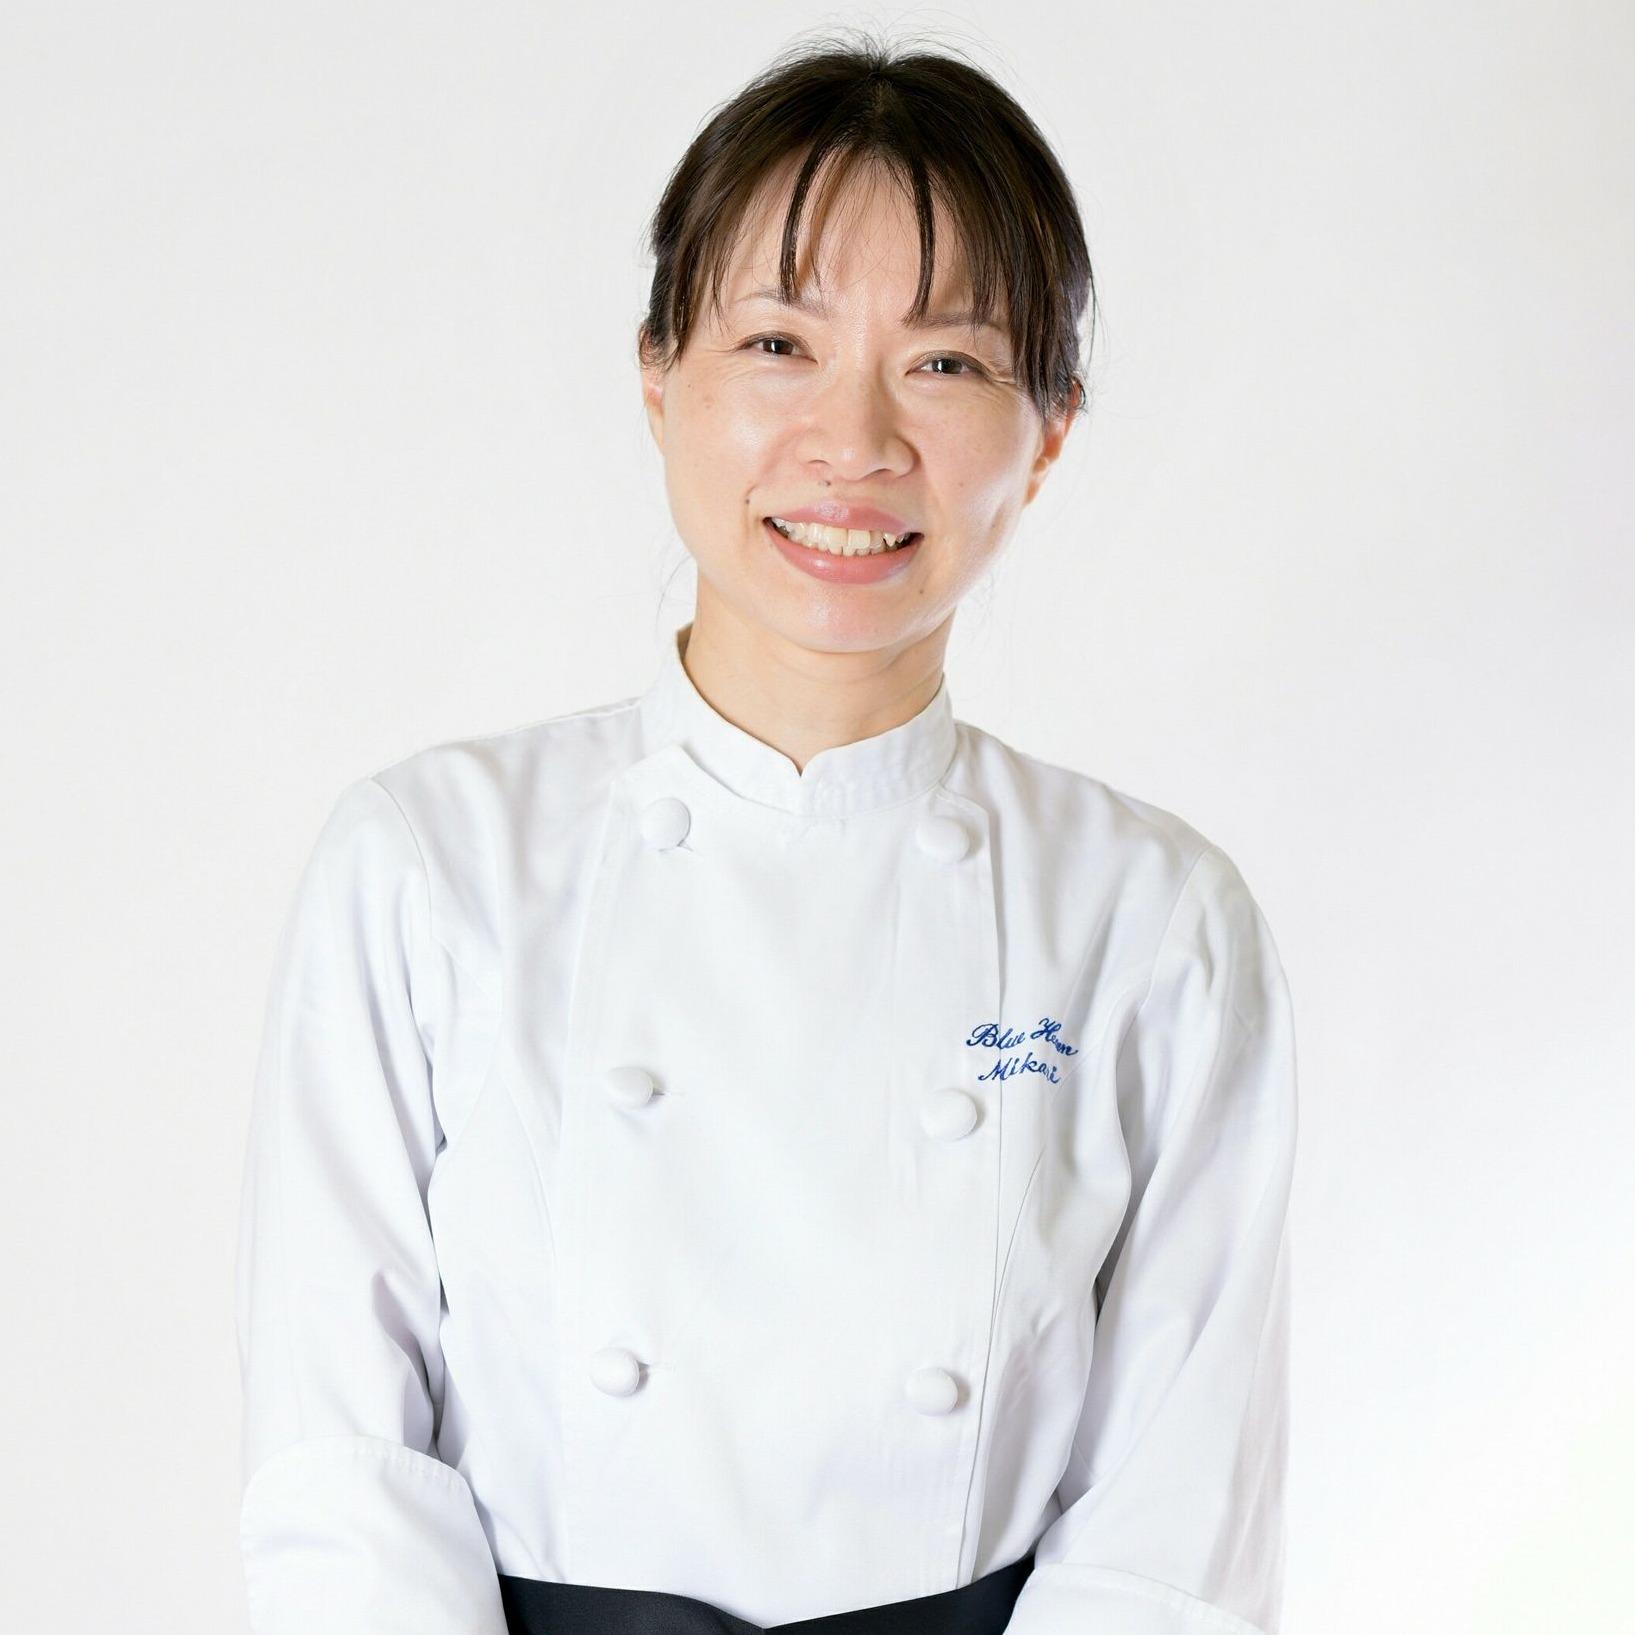 三上 真美(横浜市洋菓子協会)